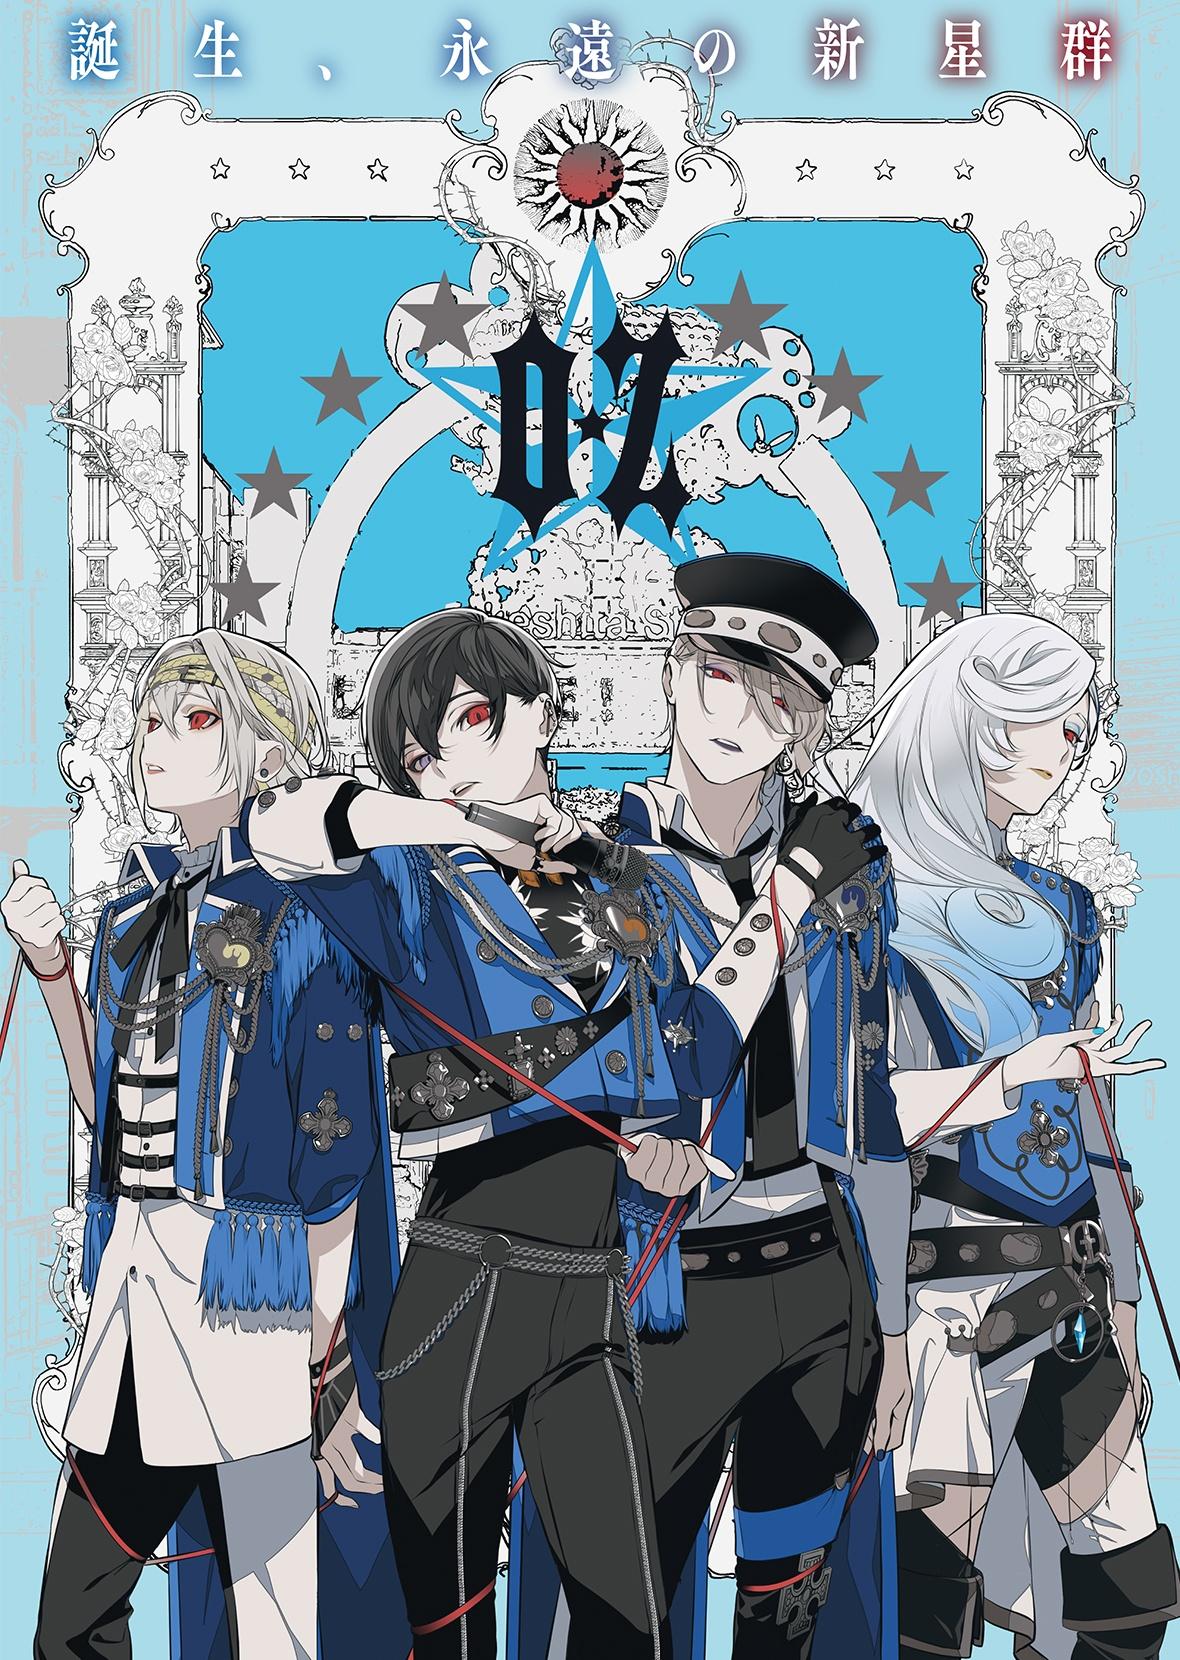 Mangaes Express Edición nuevos anime 28/03 - Mangaes